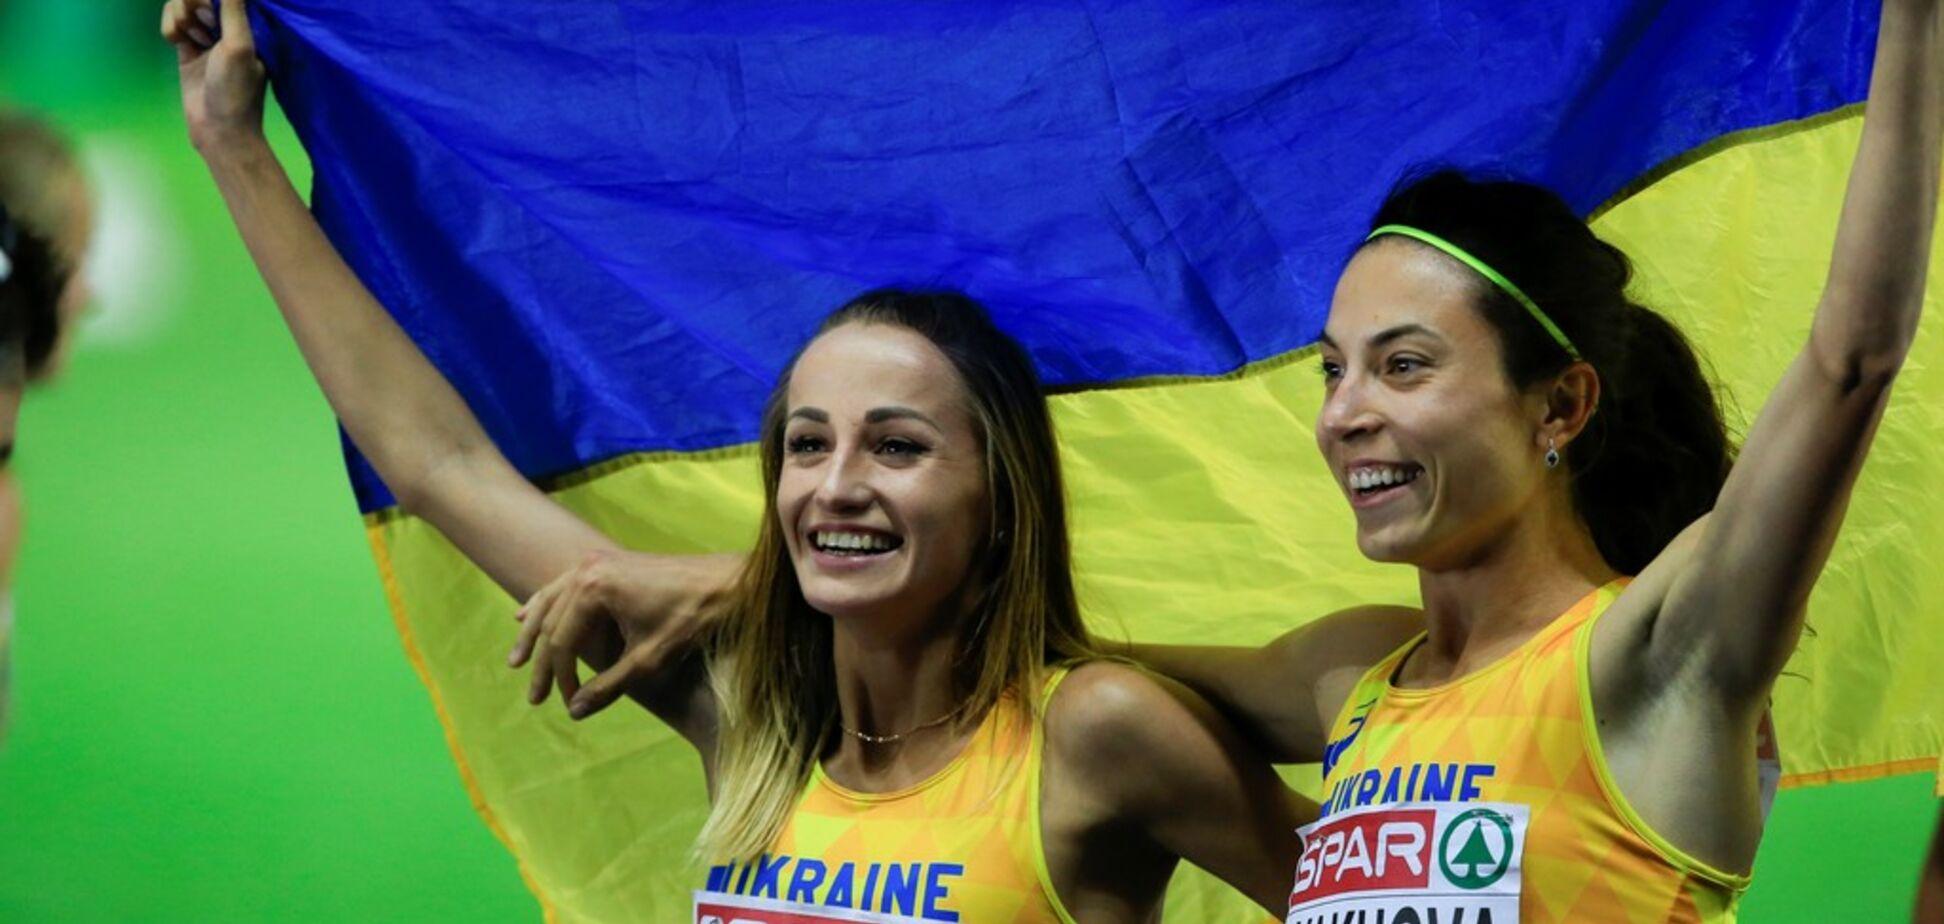 Украинки произвели фурор на ЧЕ по летним видам спорта